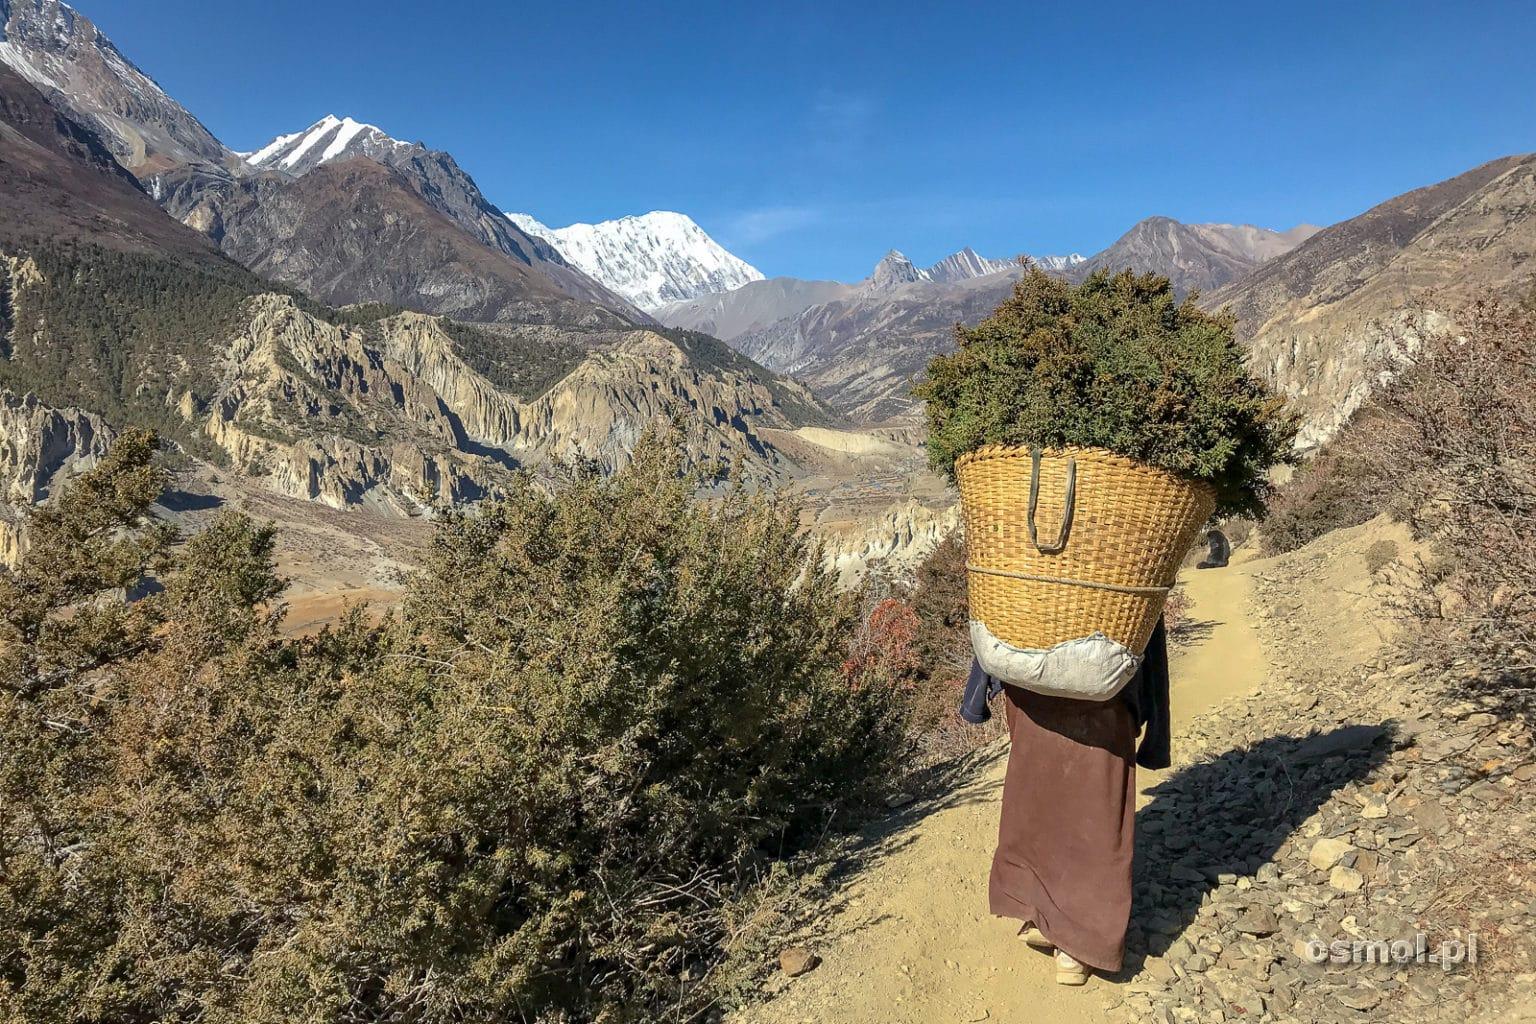 Kobieta z koszem na szlaku w Himalajach